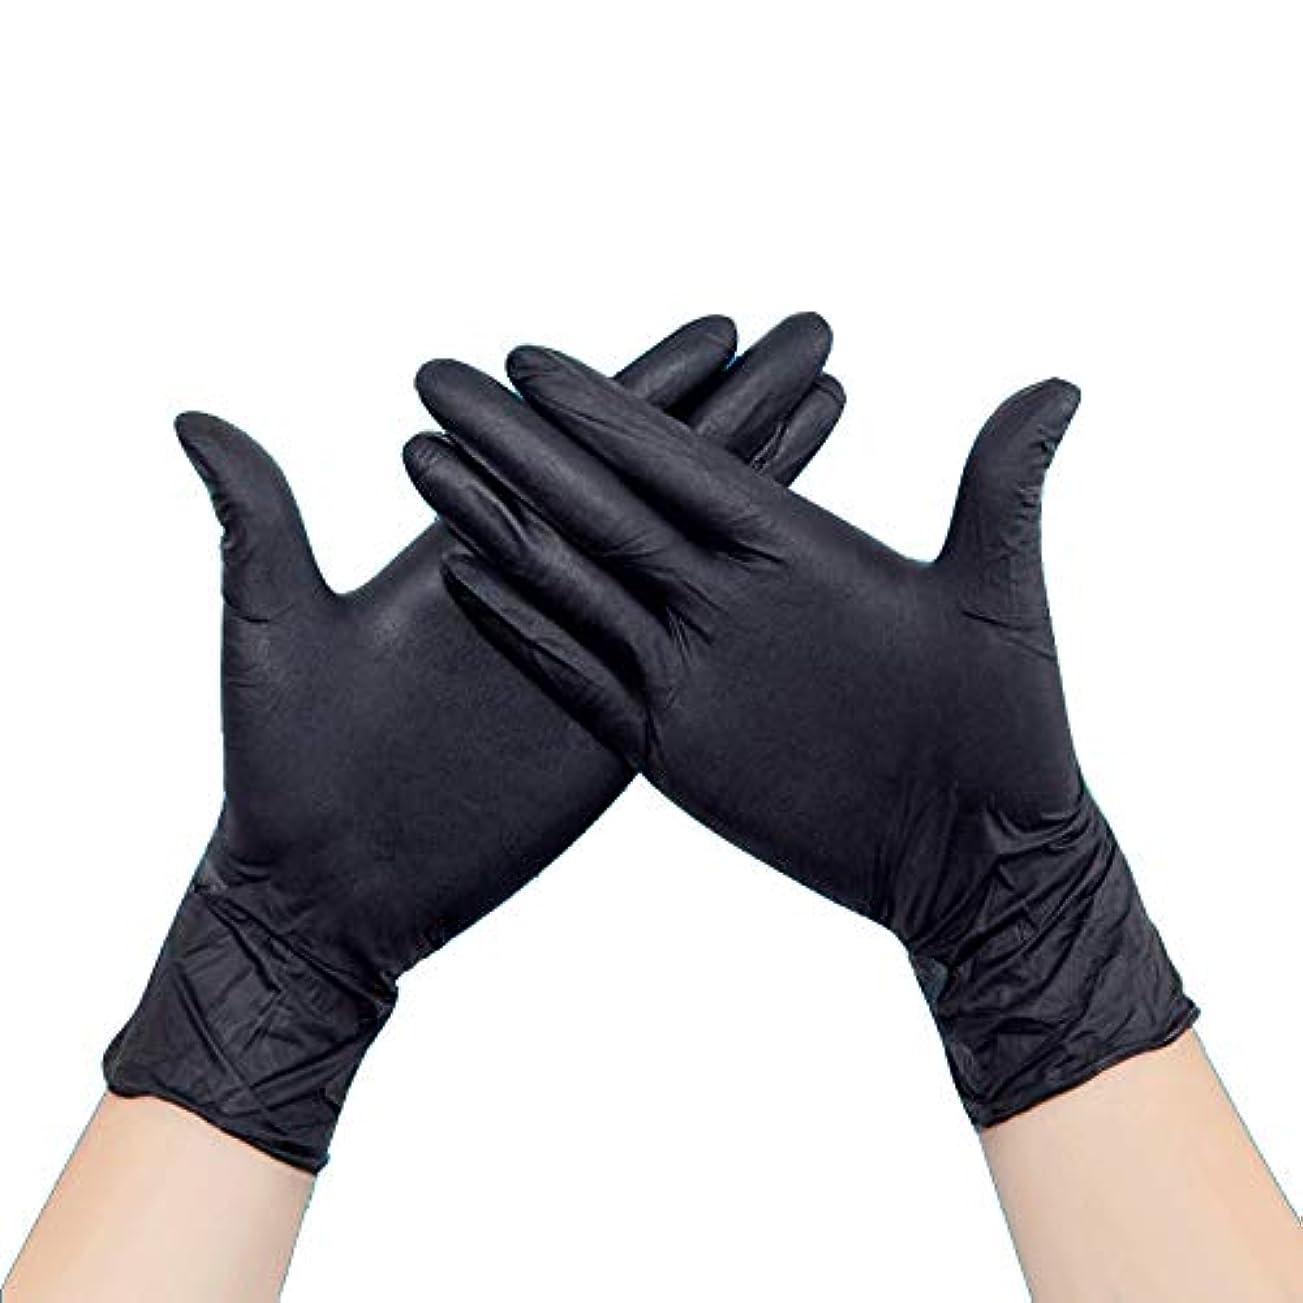 ゴミ箱を空にする床を掃除するサイレントニトリル手袋 使い捨て手袋 メカニックグローブ 50枚入 家庭、クリーニング、実験室、ネイルアート ブラック 帯電防止手袋 左右兼用